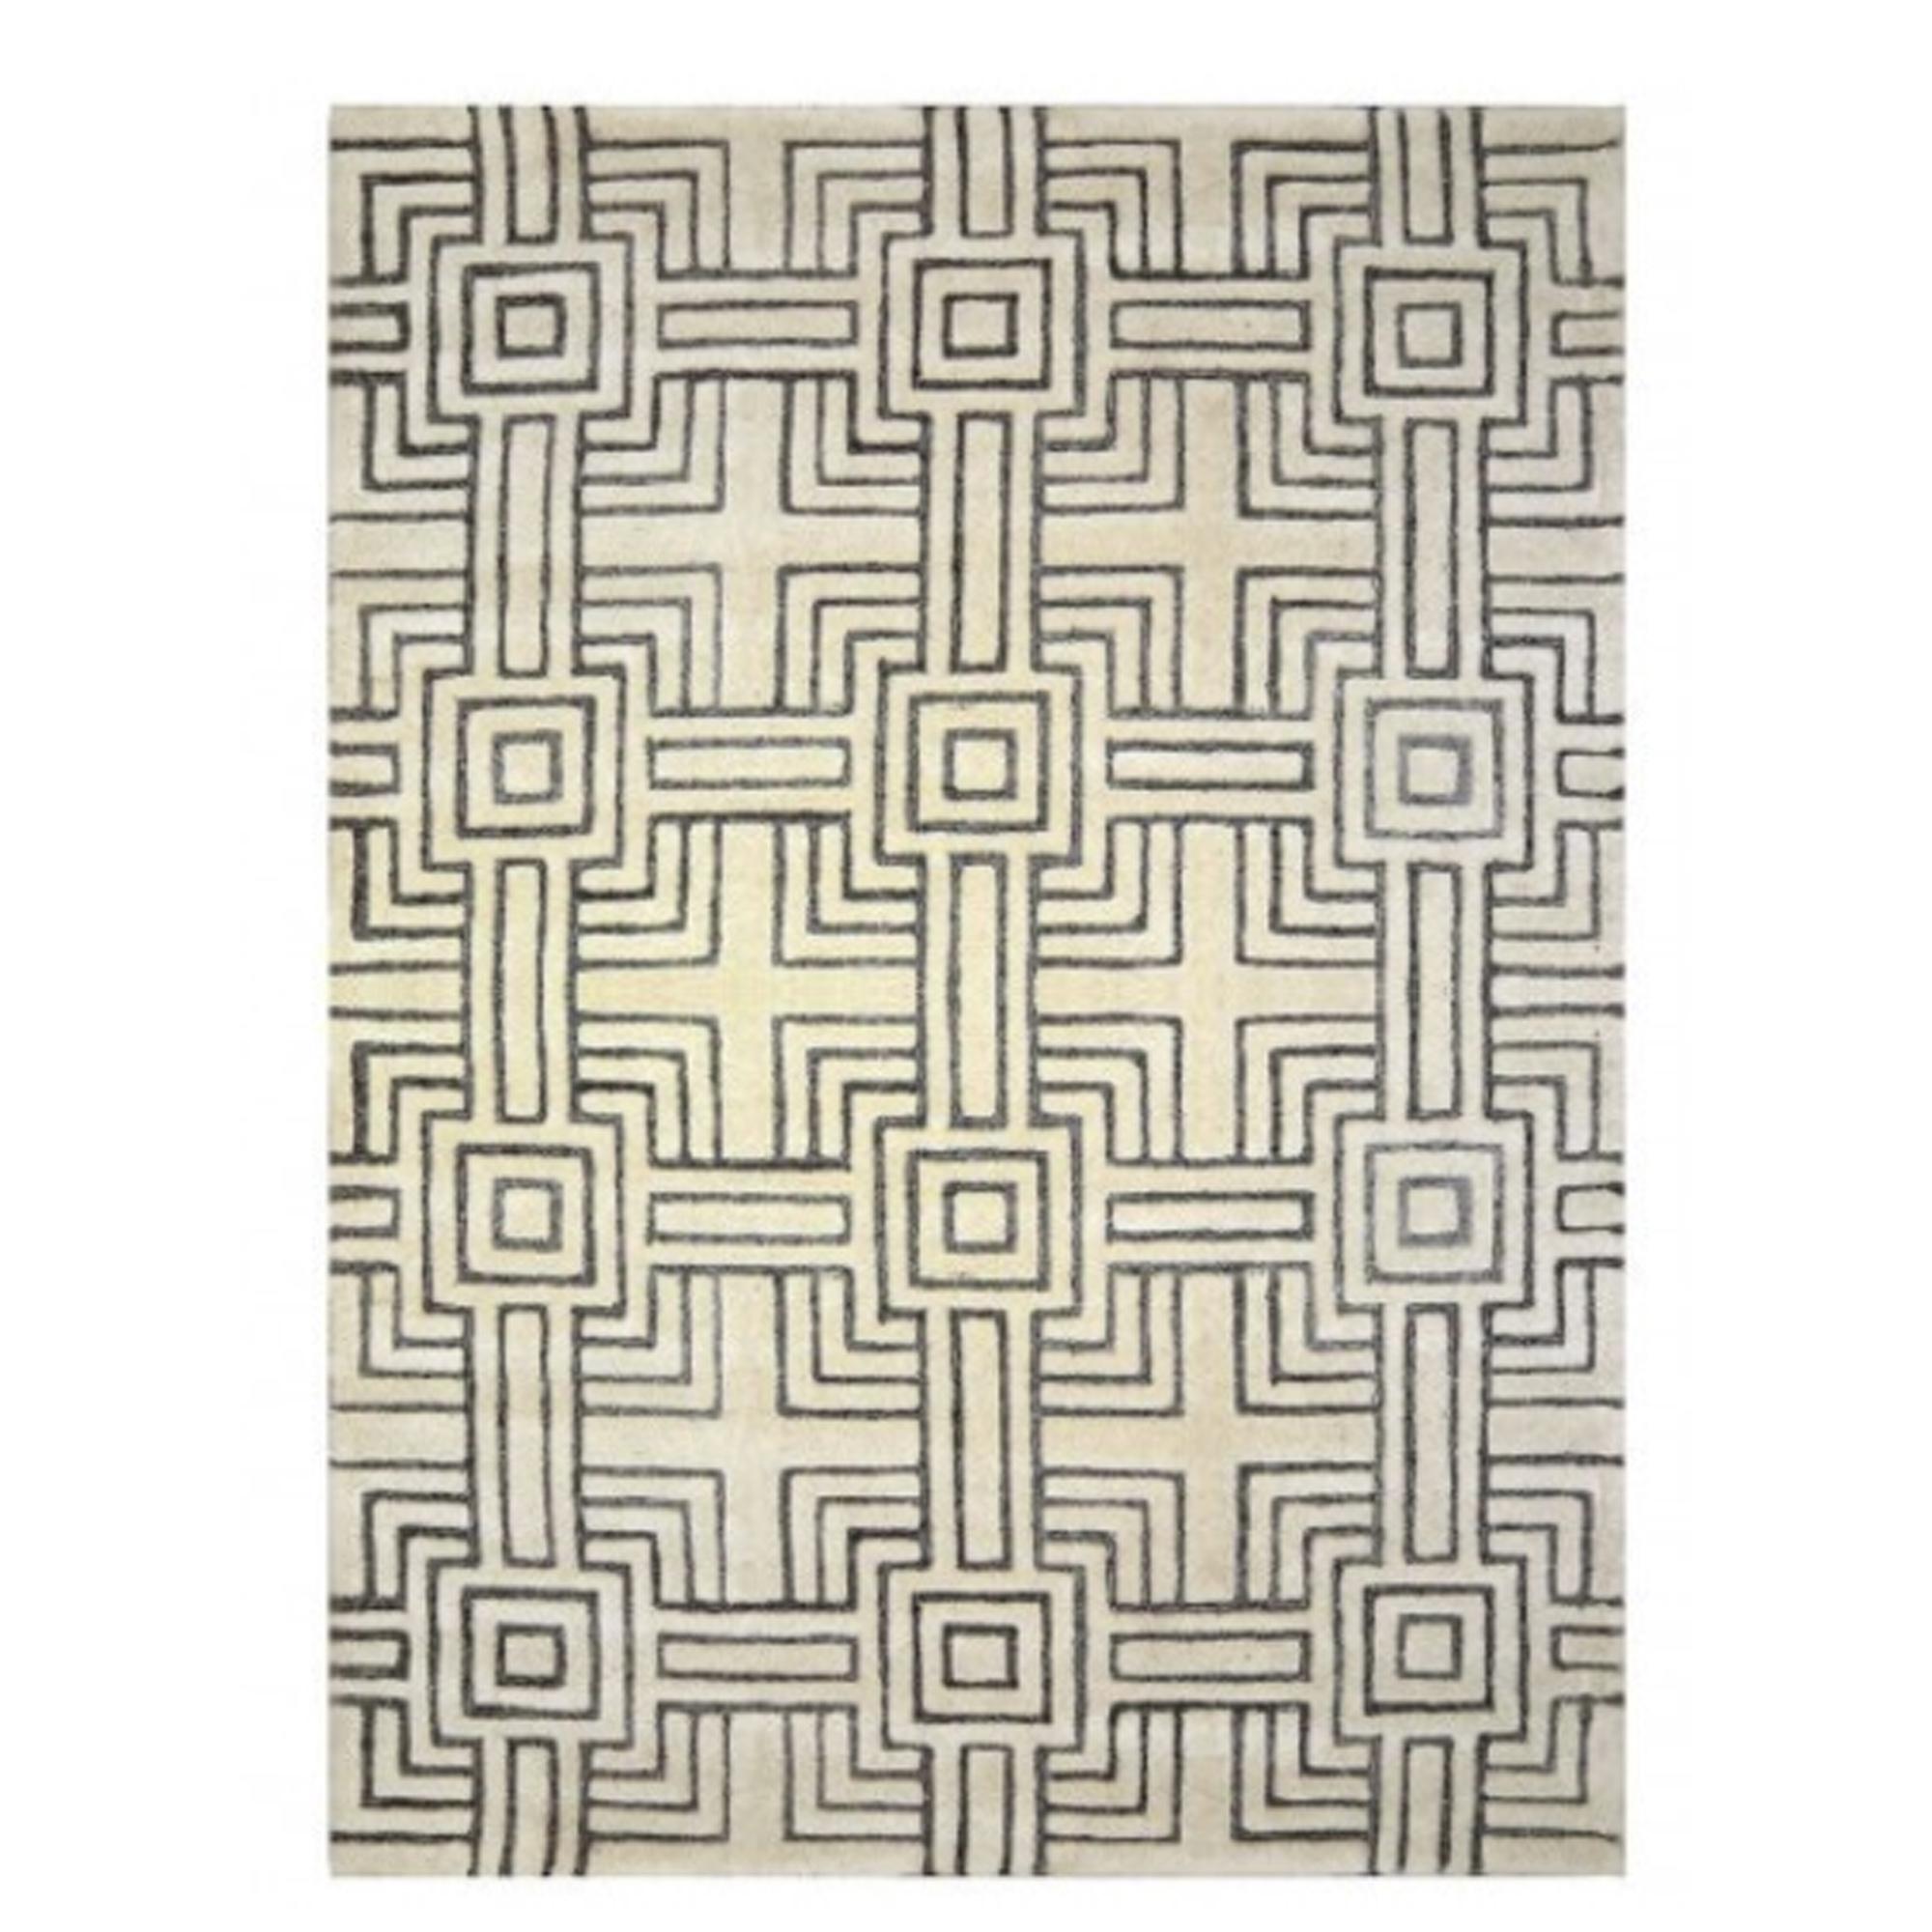 window d treatment v cream x curtain cote p tailored pair azur rug bohemian light